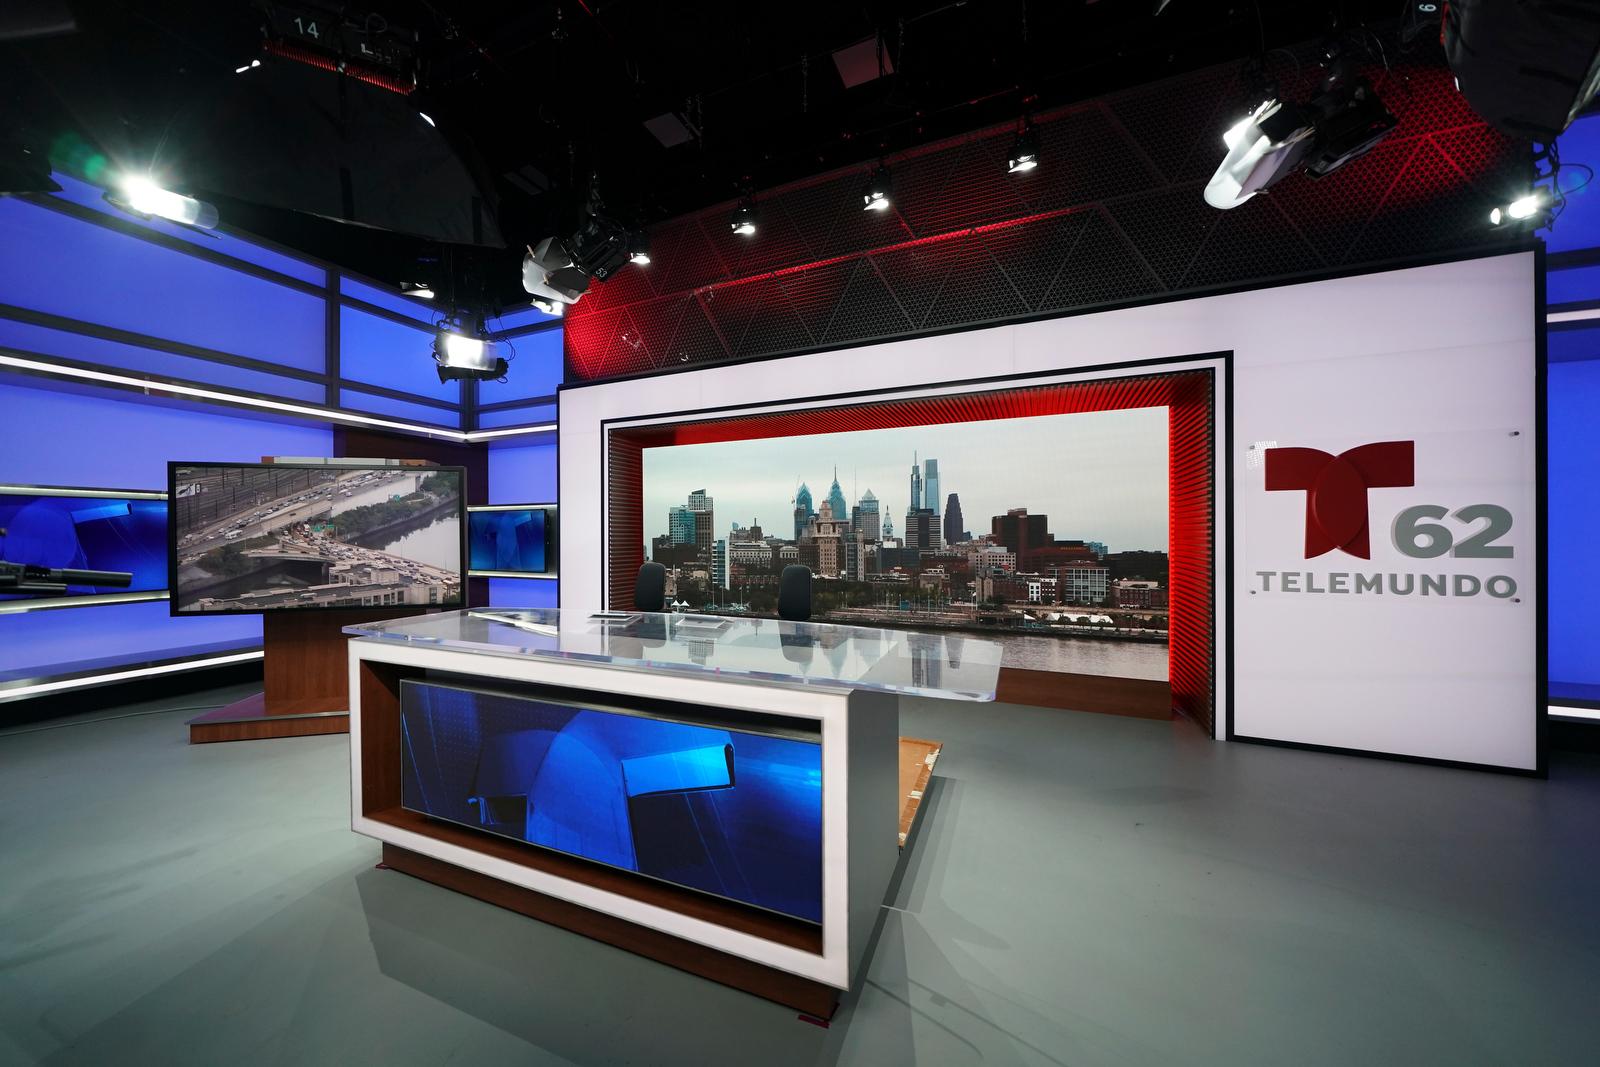 NCS_Telemundo-62-Noticiero-Philadelphia-0002